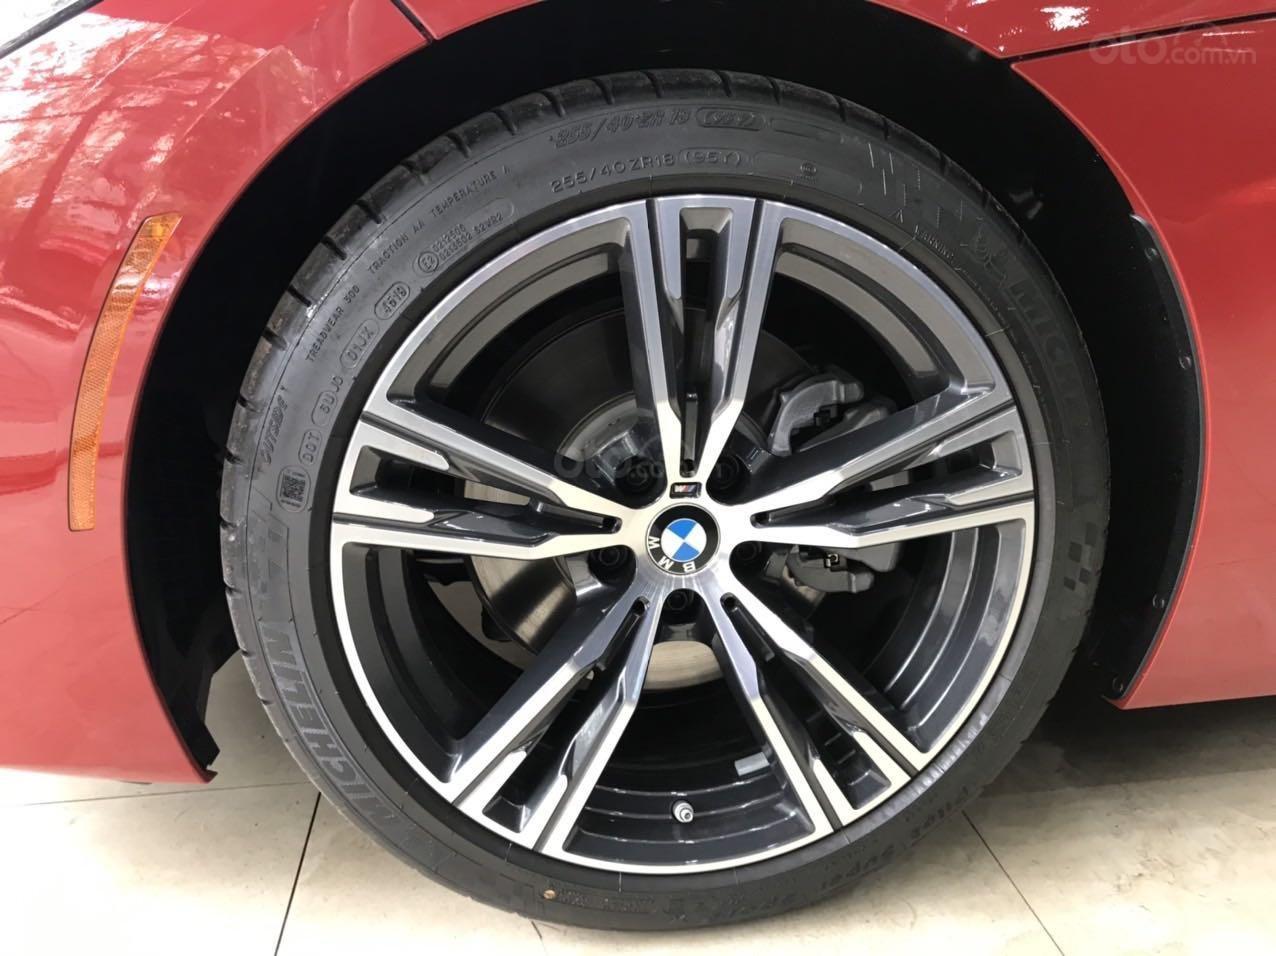 Xe BMW Z4 Sdrive đời 2020, màu đỏ nhập khẩu nguyên chiếc siêu lướt (4)